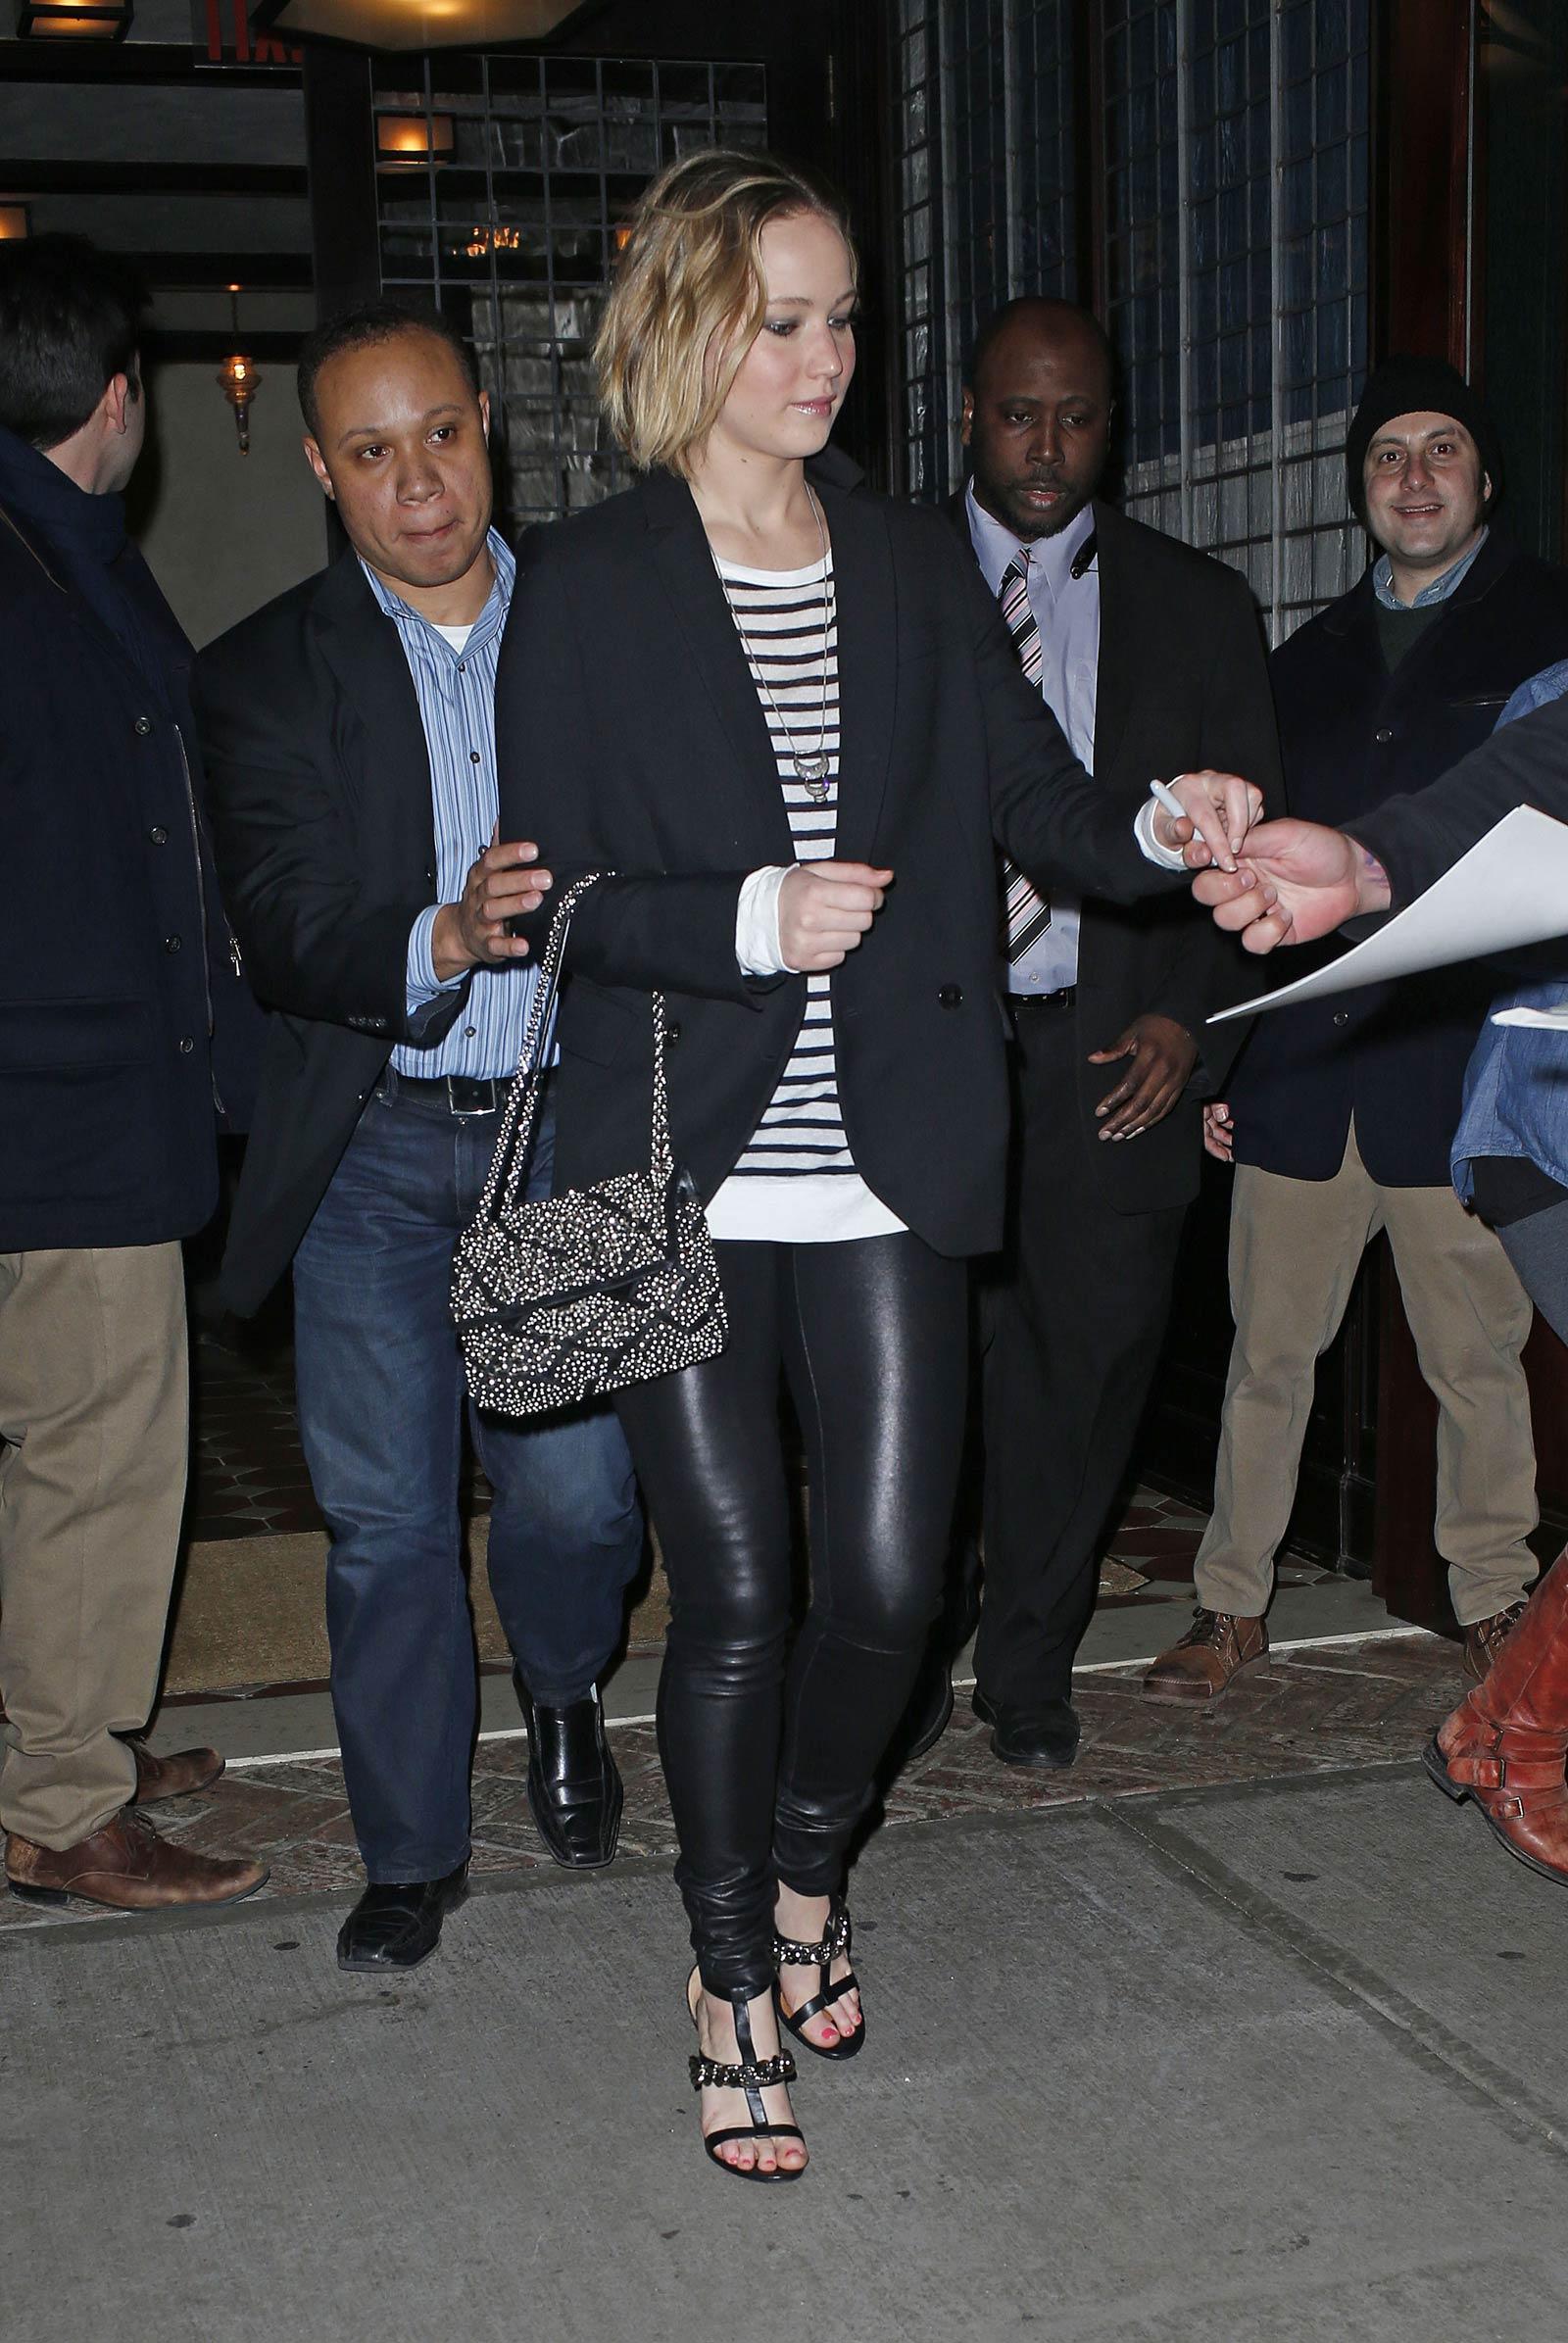 Jennifer Lawrence walking outside of the Greenwich Hotel